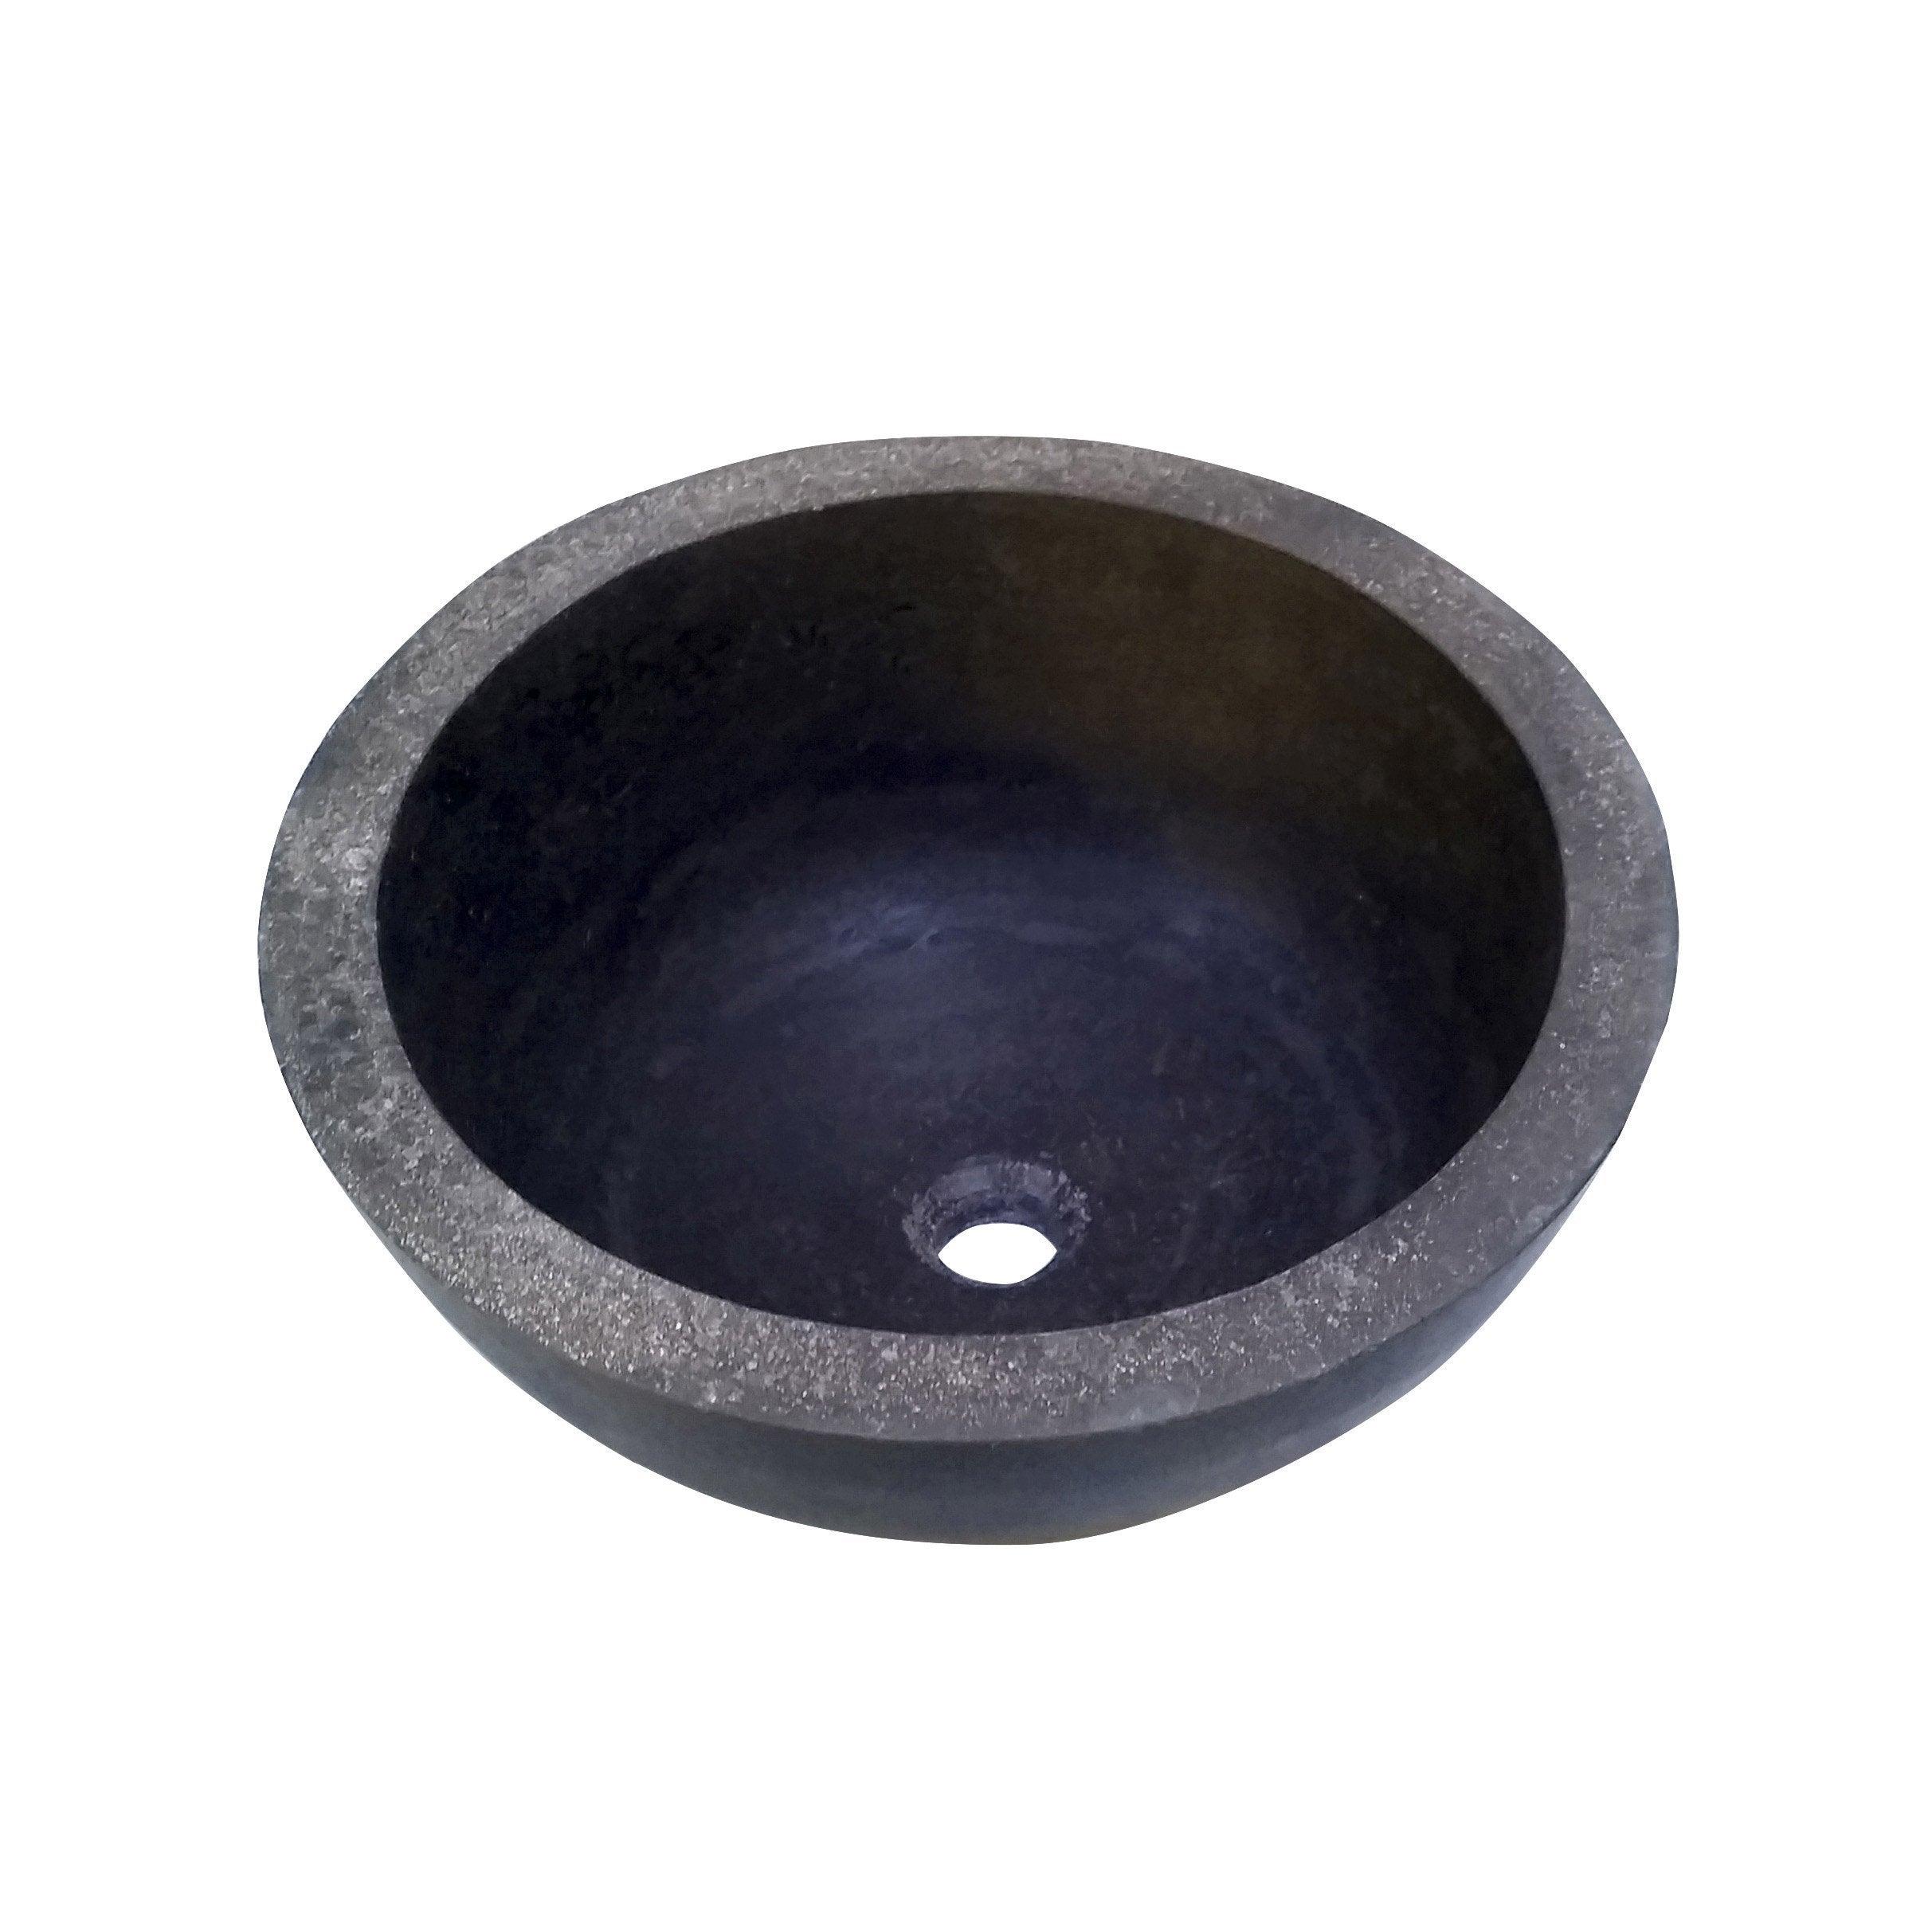 vasque a poser gris Vasque à poser basalte Diam.42 cm gris anthracite Aline